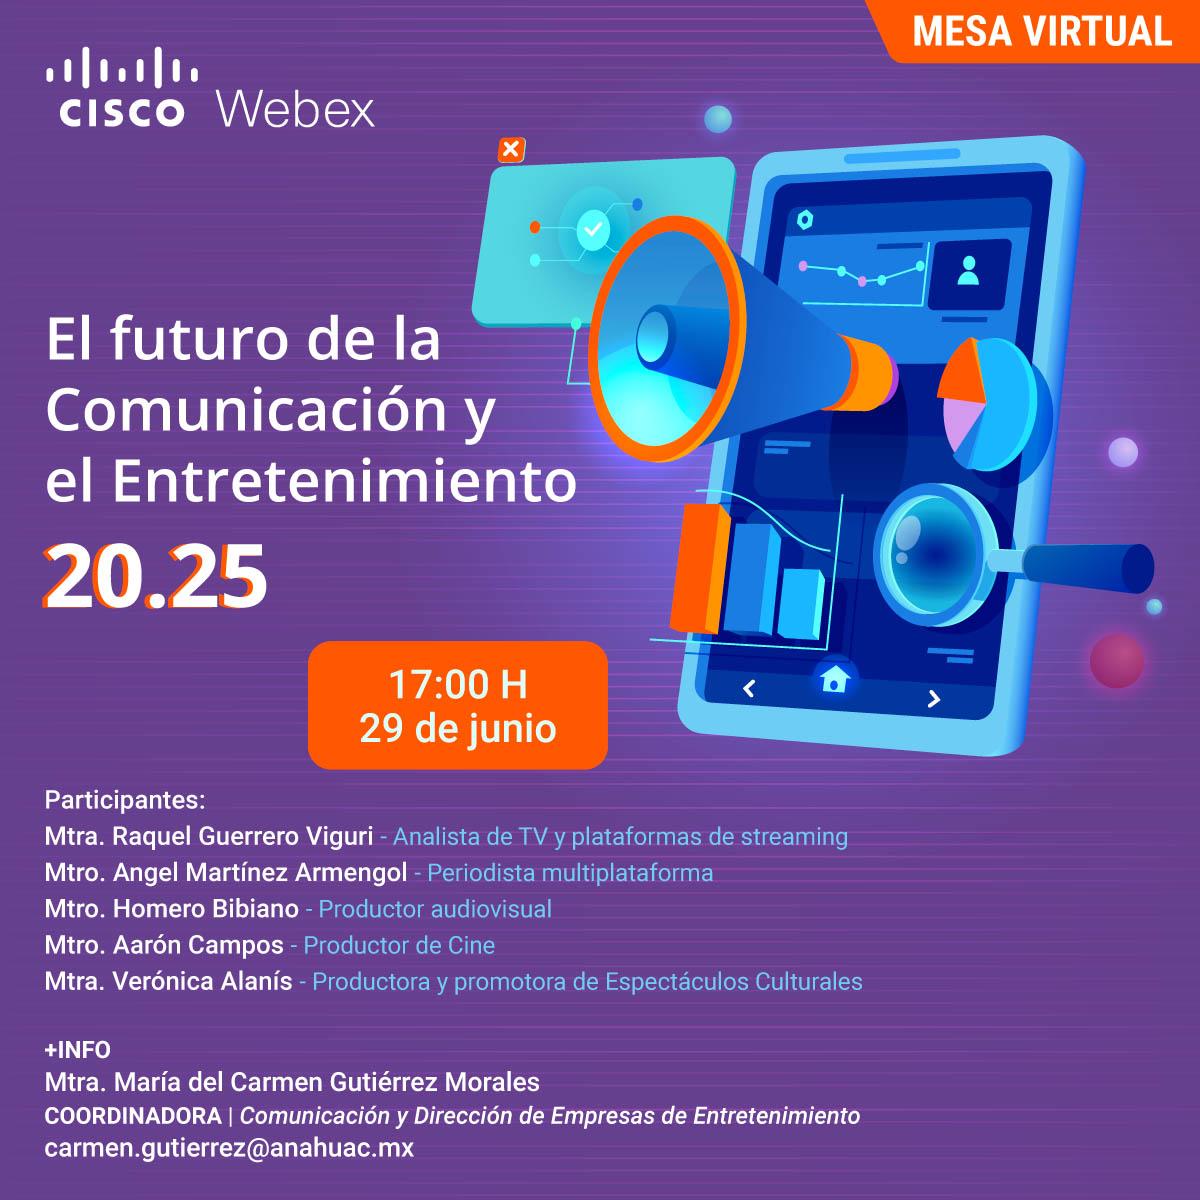 El Futuro de la Comunicación y el Entretenimiento 20.25